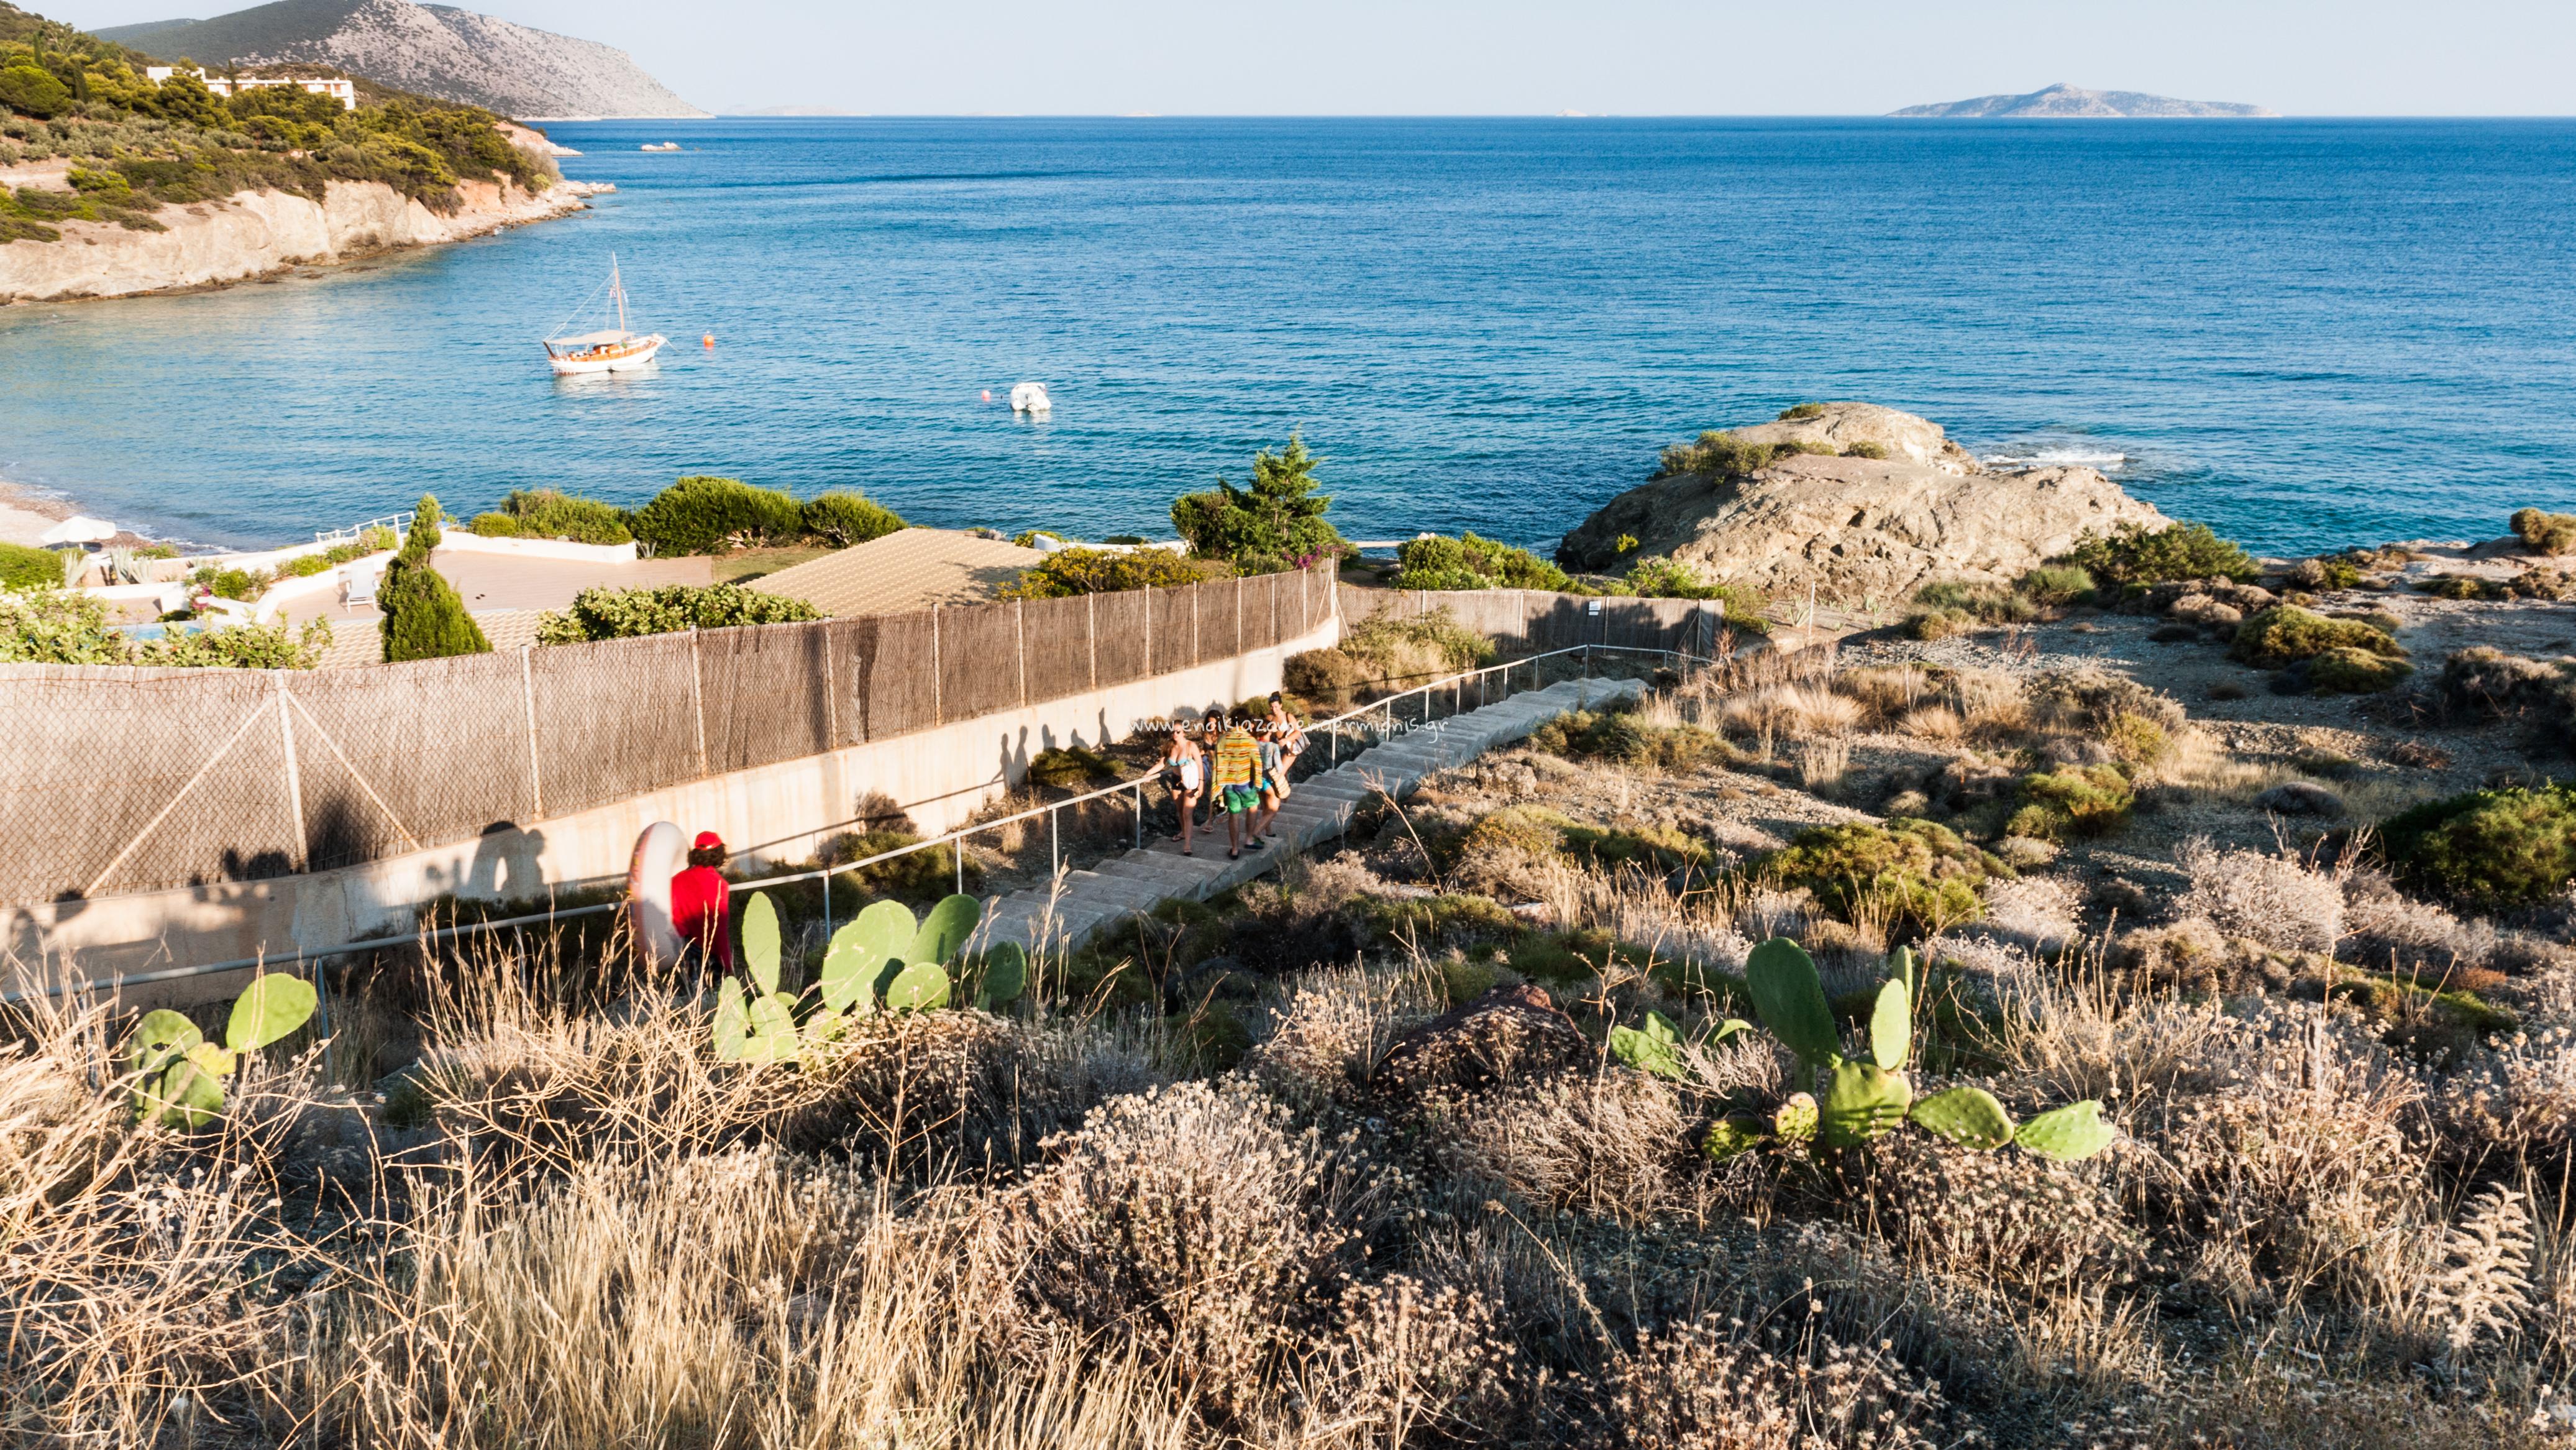 Σκαλοπάτια προς την παραλία Μπουρλότο